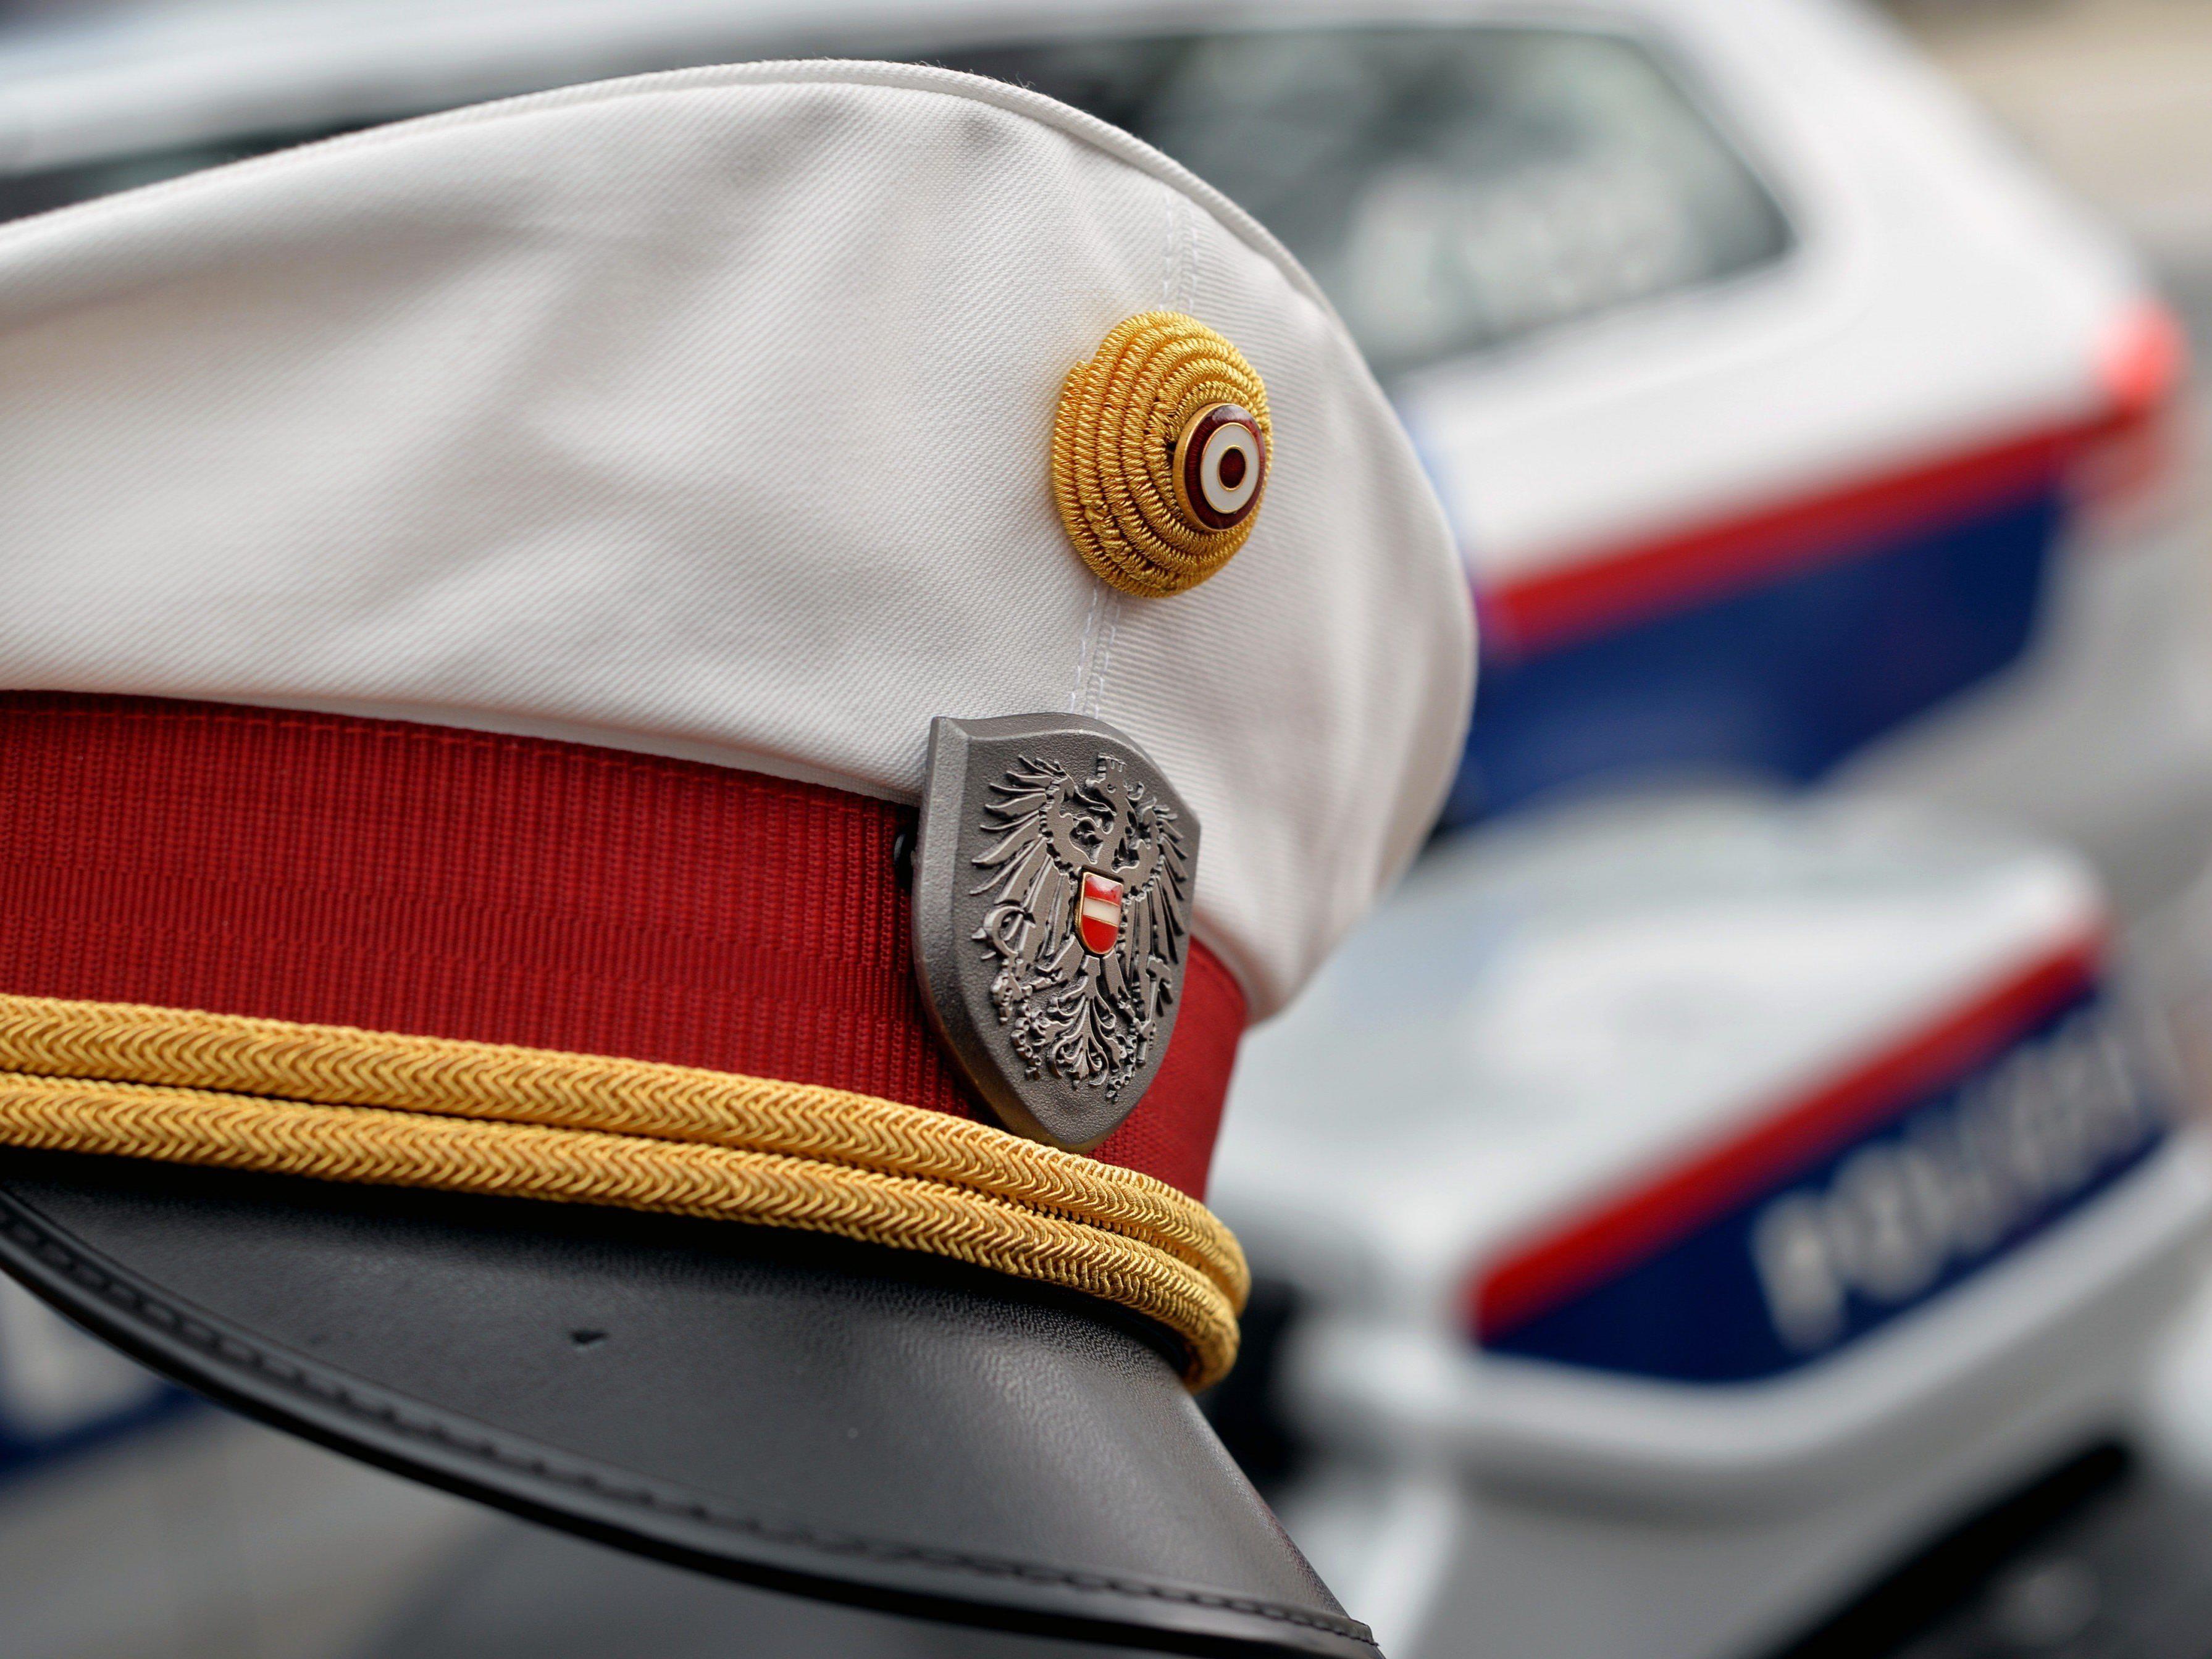 Die Polizei sucht Zeugen des Vorfalls.